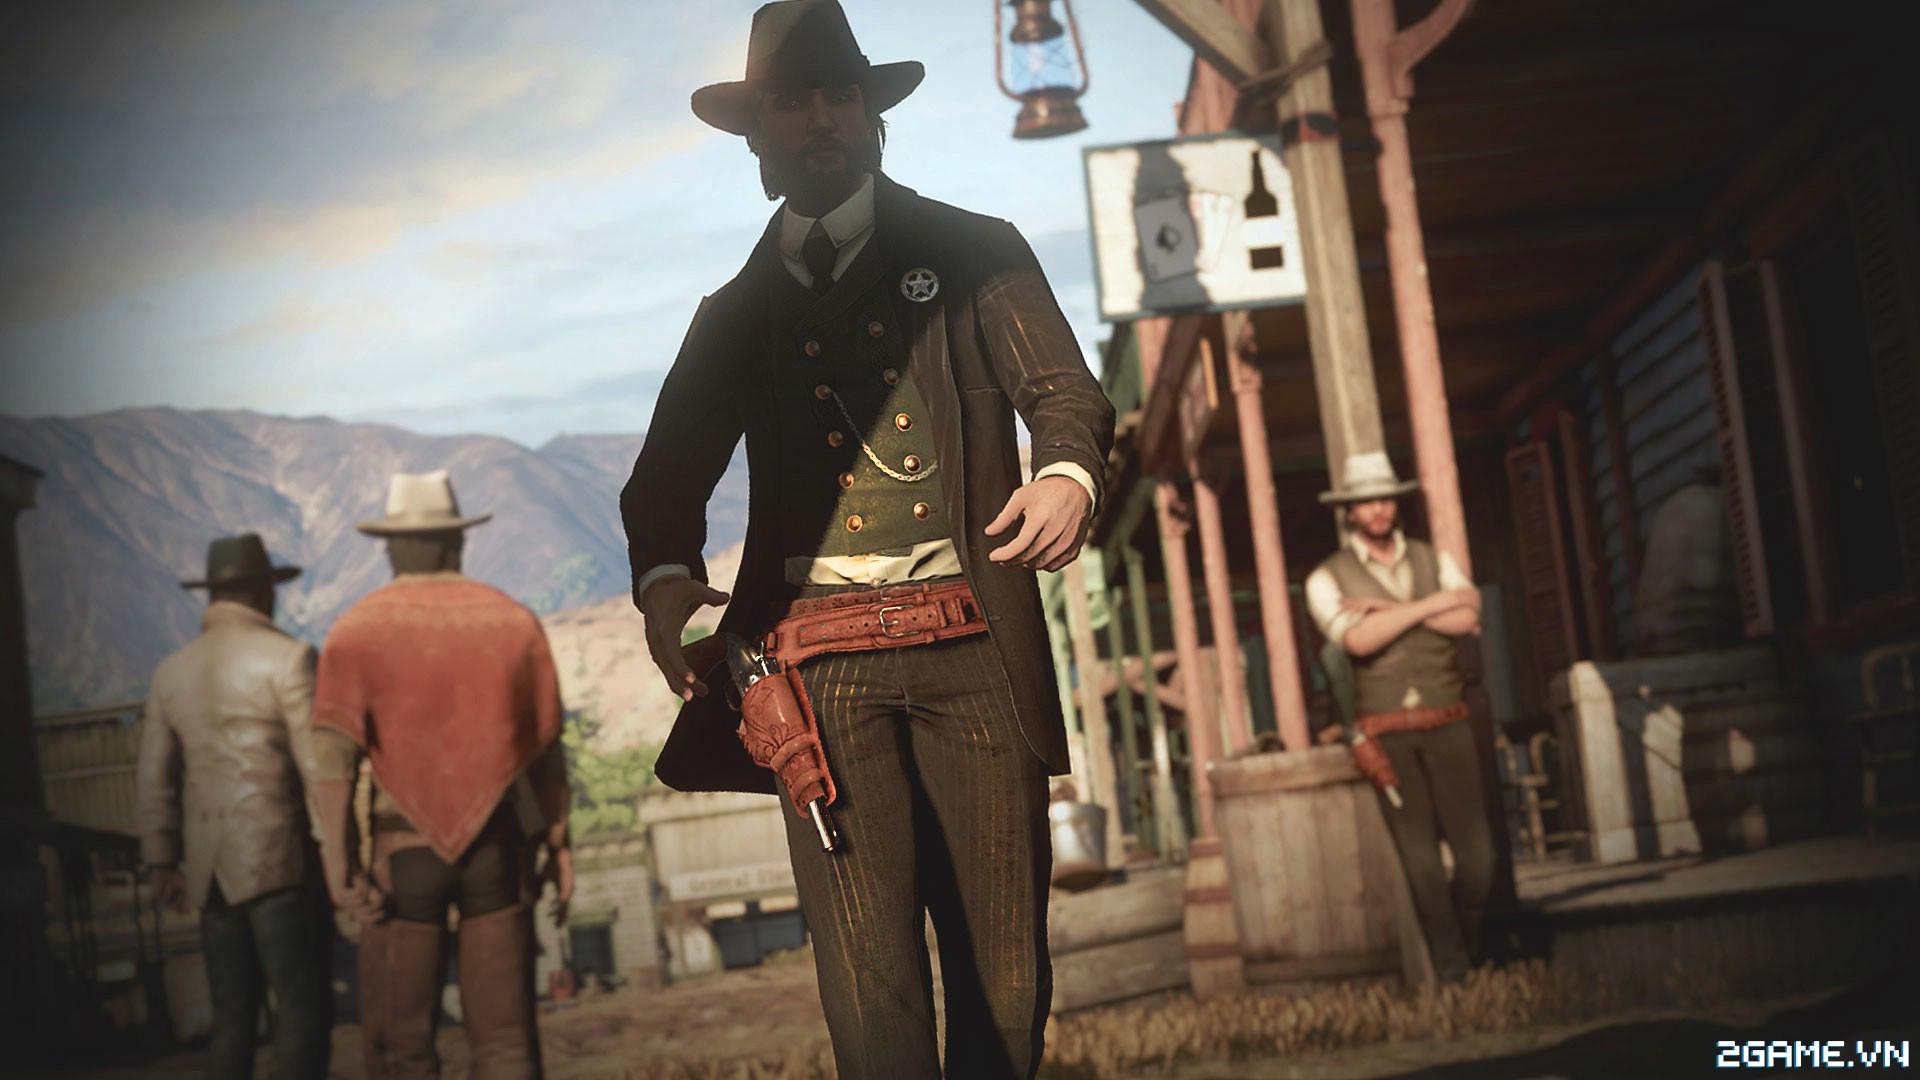 Wild West Online - Game nhập vai thế giới mở lấy bối cảnh Cao bồi miễn Viễn tay 5